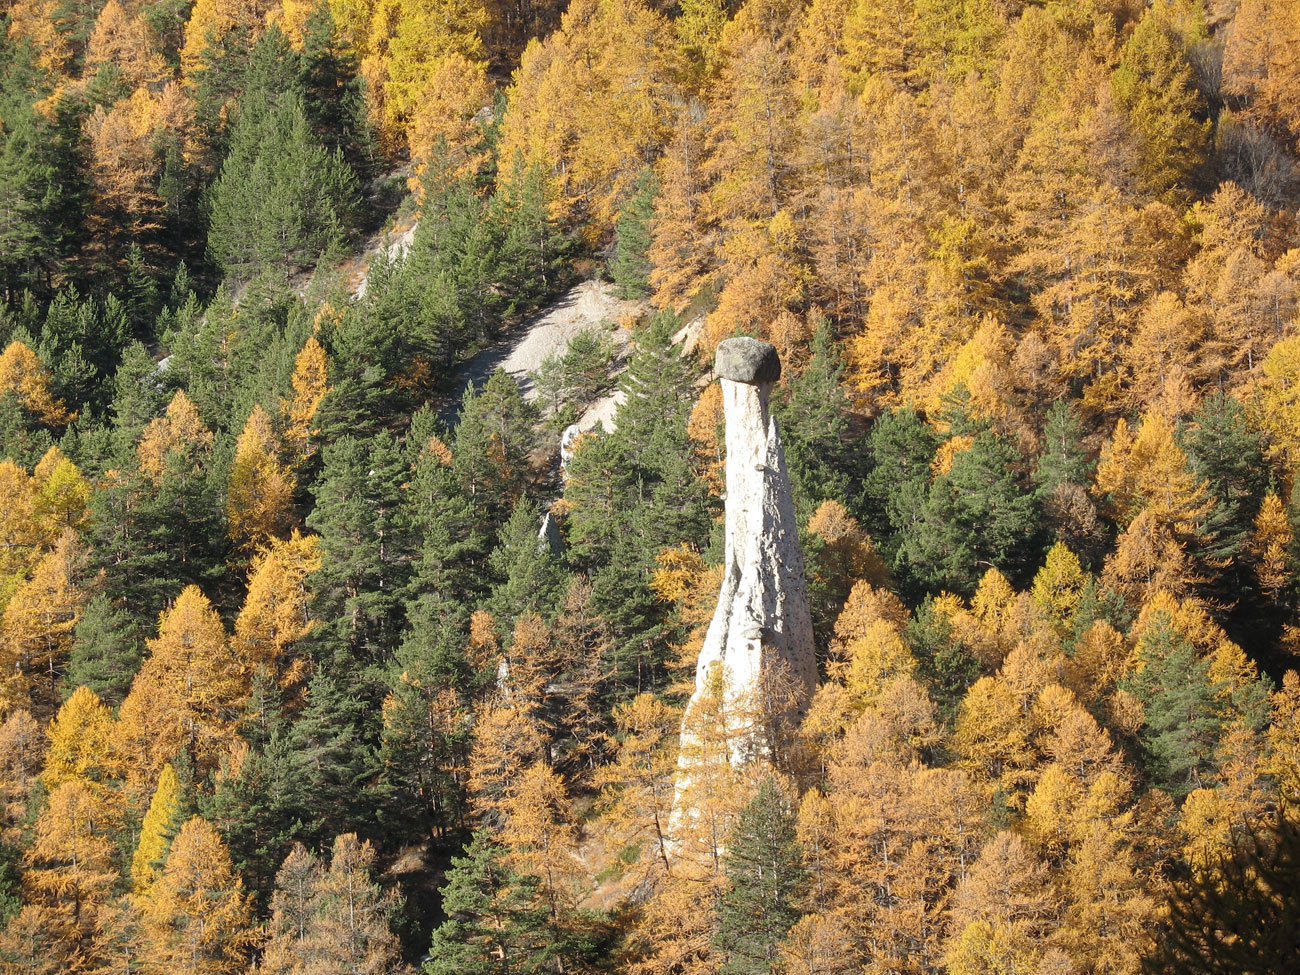 Klettersteig Chateau Queyras : Queyras hautes alpes une géologie très complexe